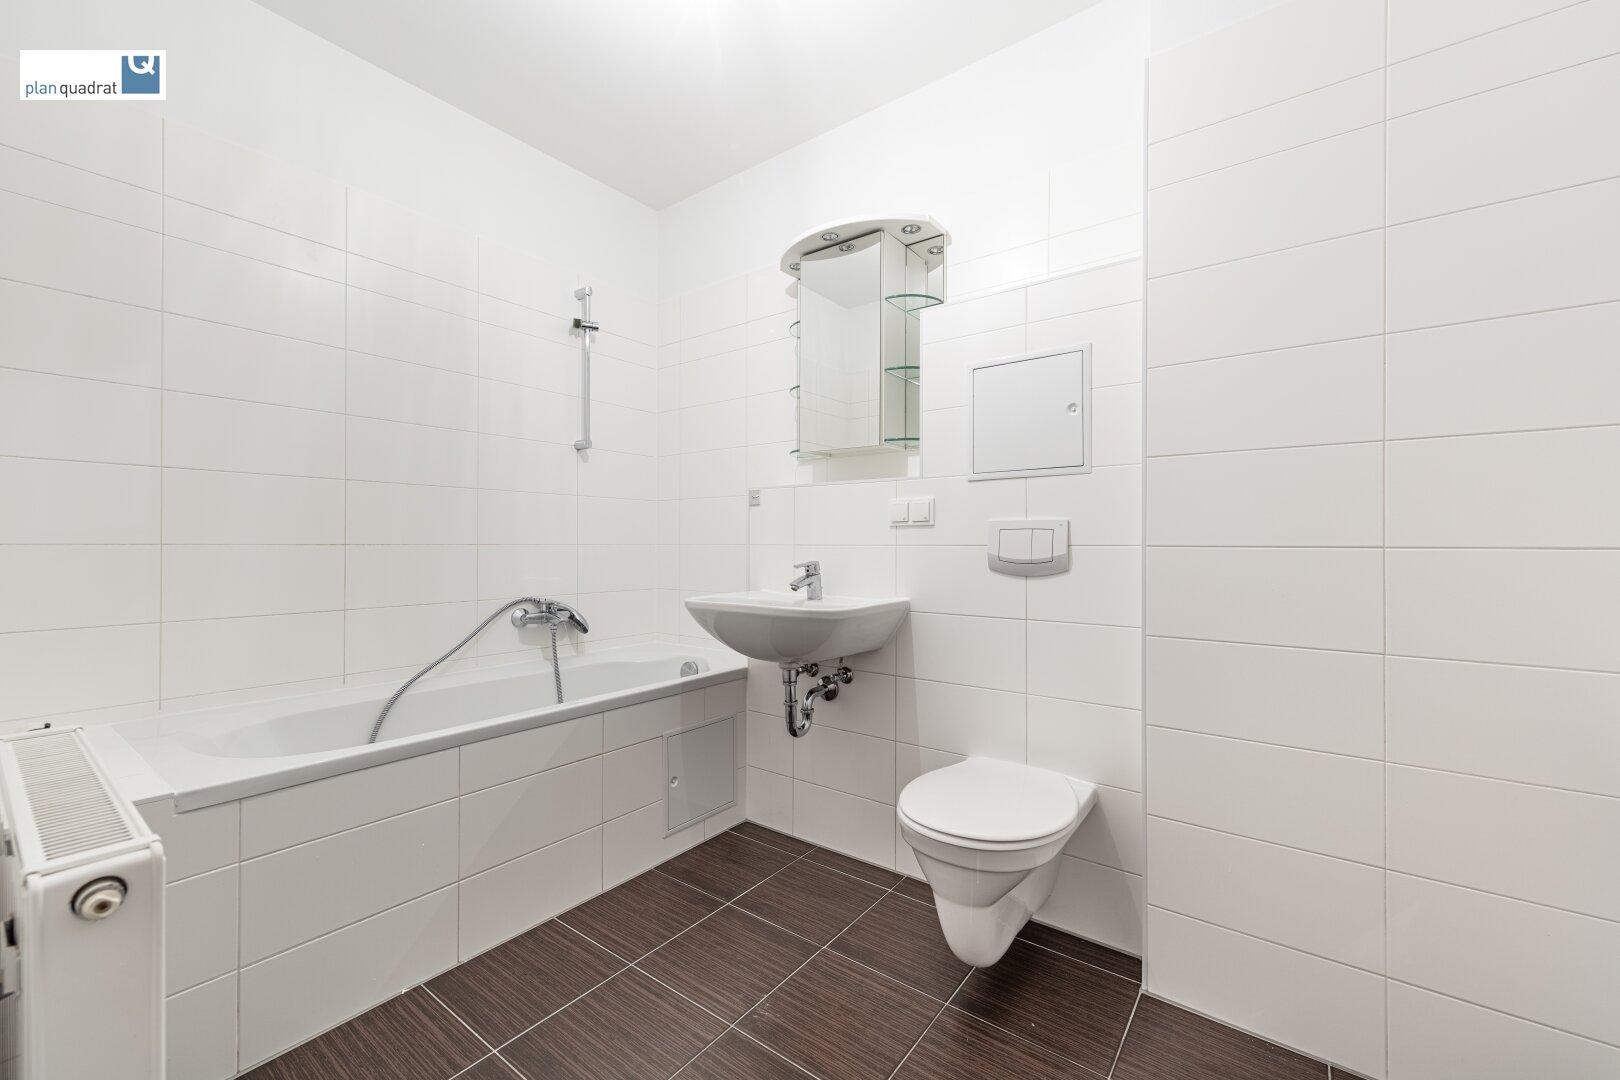 Badezimmer (ca. 6,40 m²) mit Waschbecken, Badewanne, Toilette und Wa-Ma-Anschluss